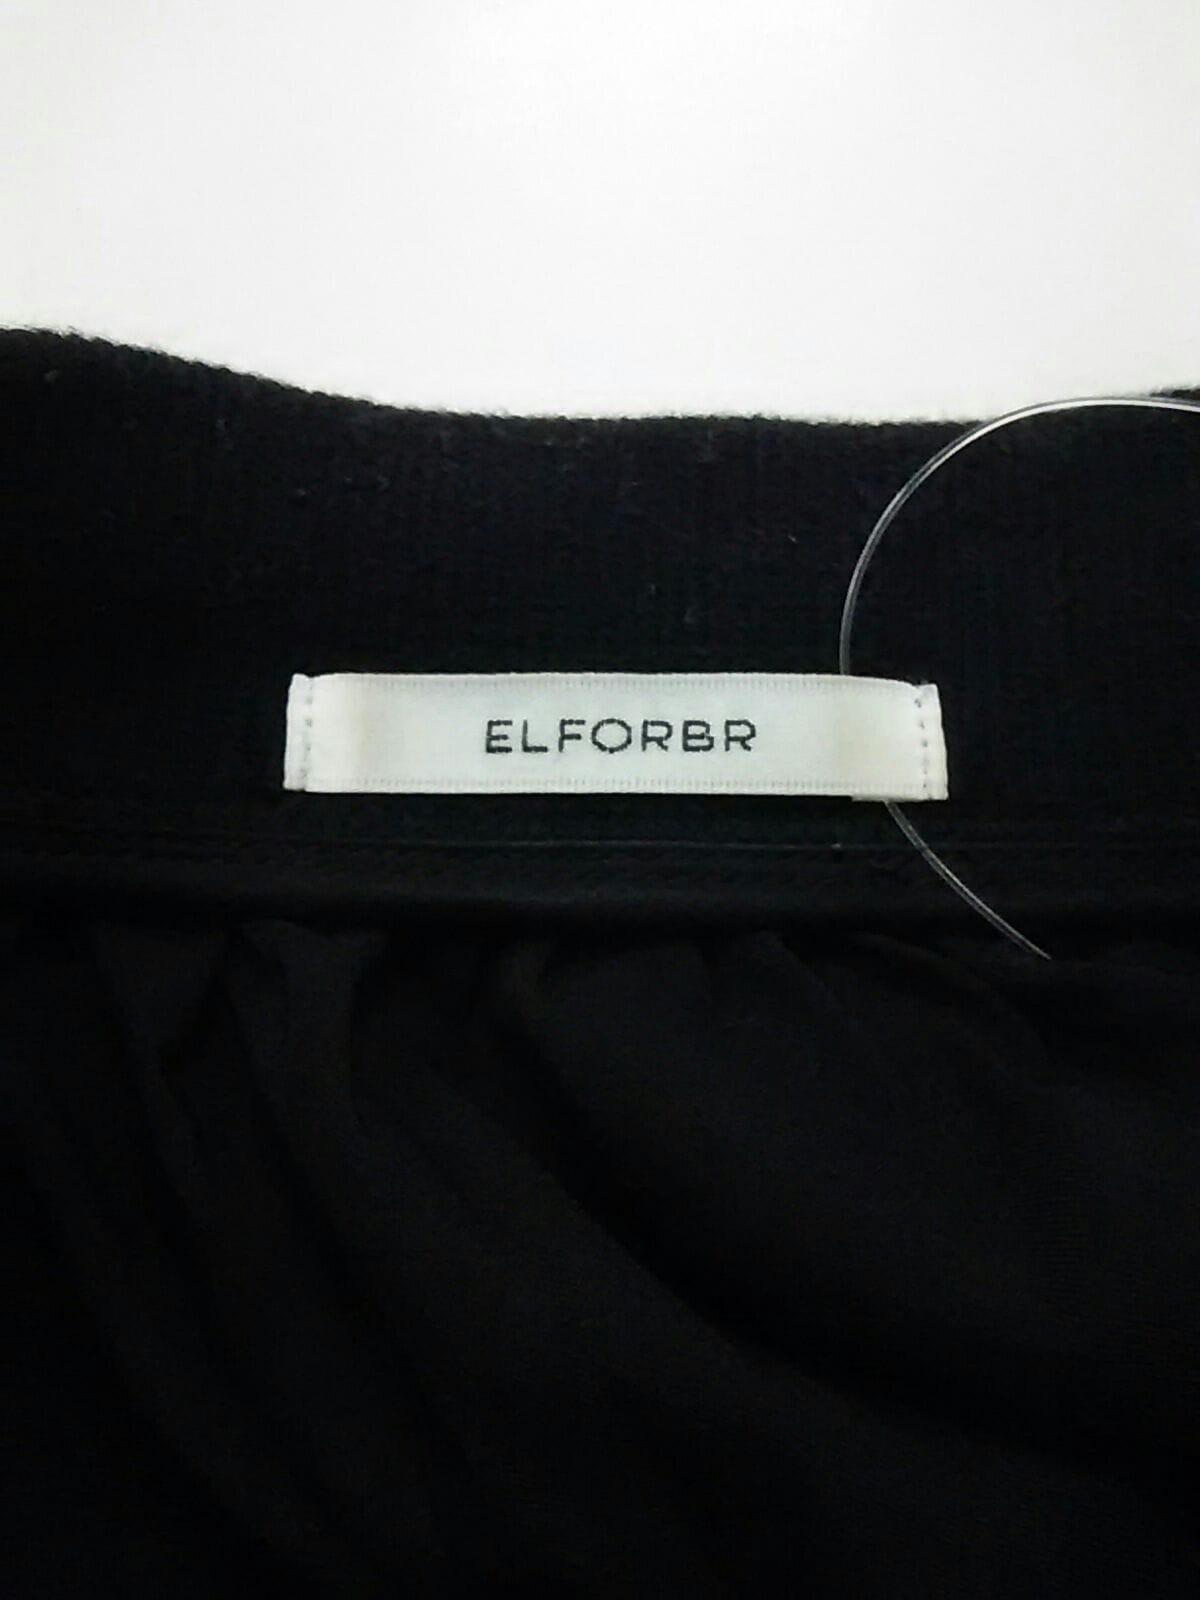 ELFORBR(エルフォーブル)のブルゾン